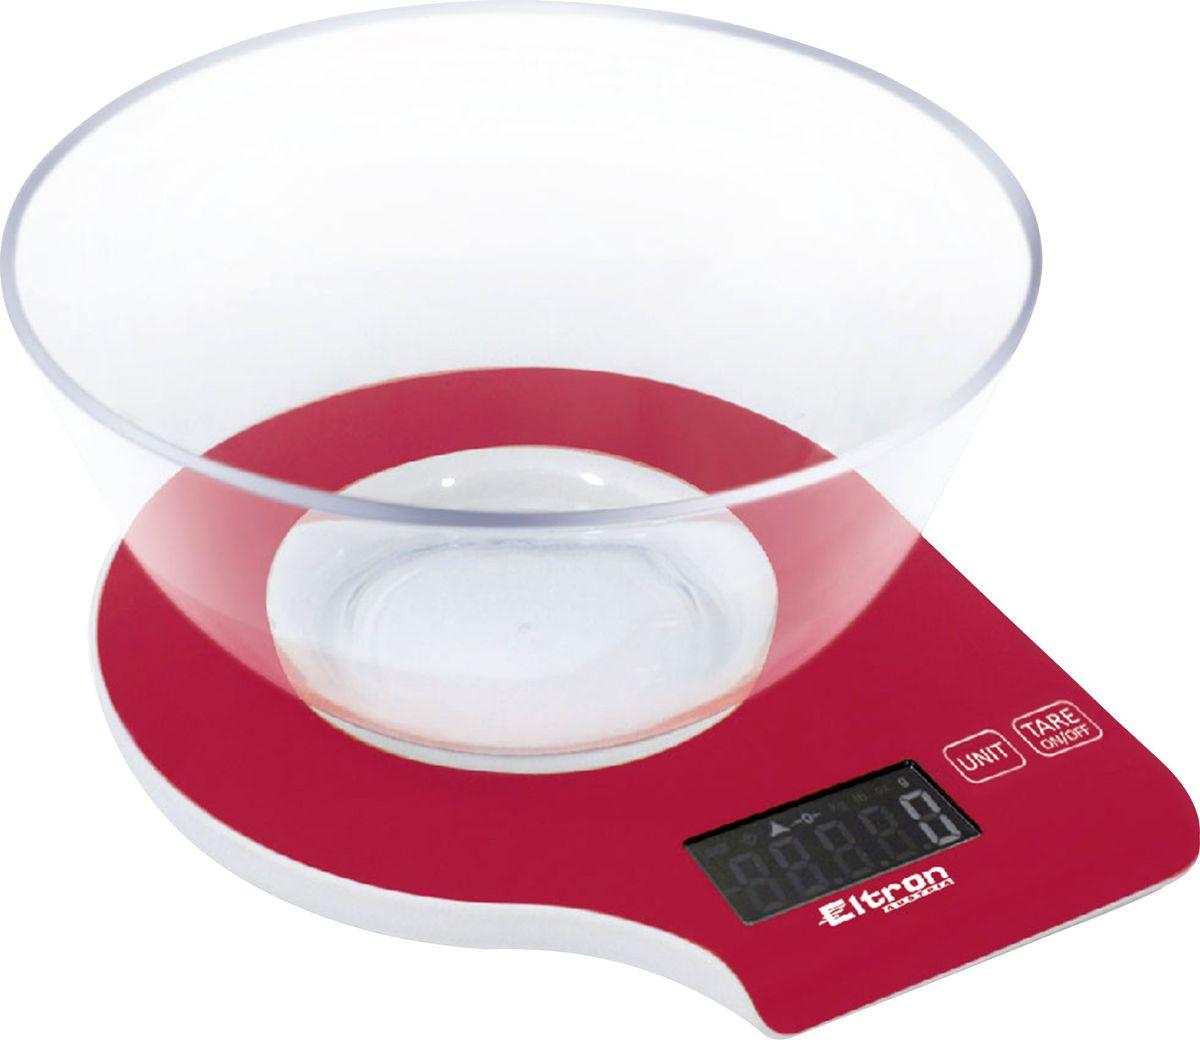 Весы кухонные Eltron, электронные, цвет: красный, до 5 кг. 9261EL54 159259Электронные кухонные весы. Современный дизайн. Двухкнопочный механизм. ЖК-дисплей. Съемная прозрачная чаша. Максимальный вес - 5 кг. Показывает вес в унциях, фунтах, гр, мл.2х 1,5В ААА батарея входит в комплект.